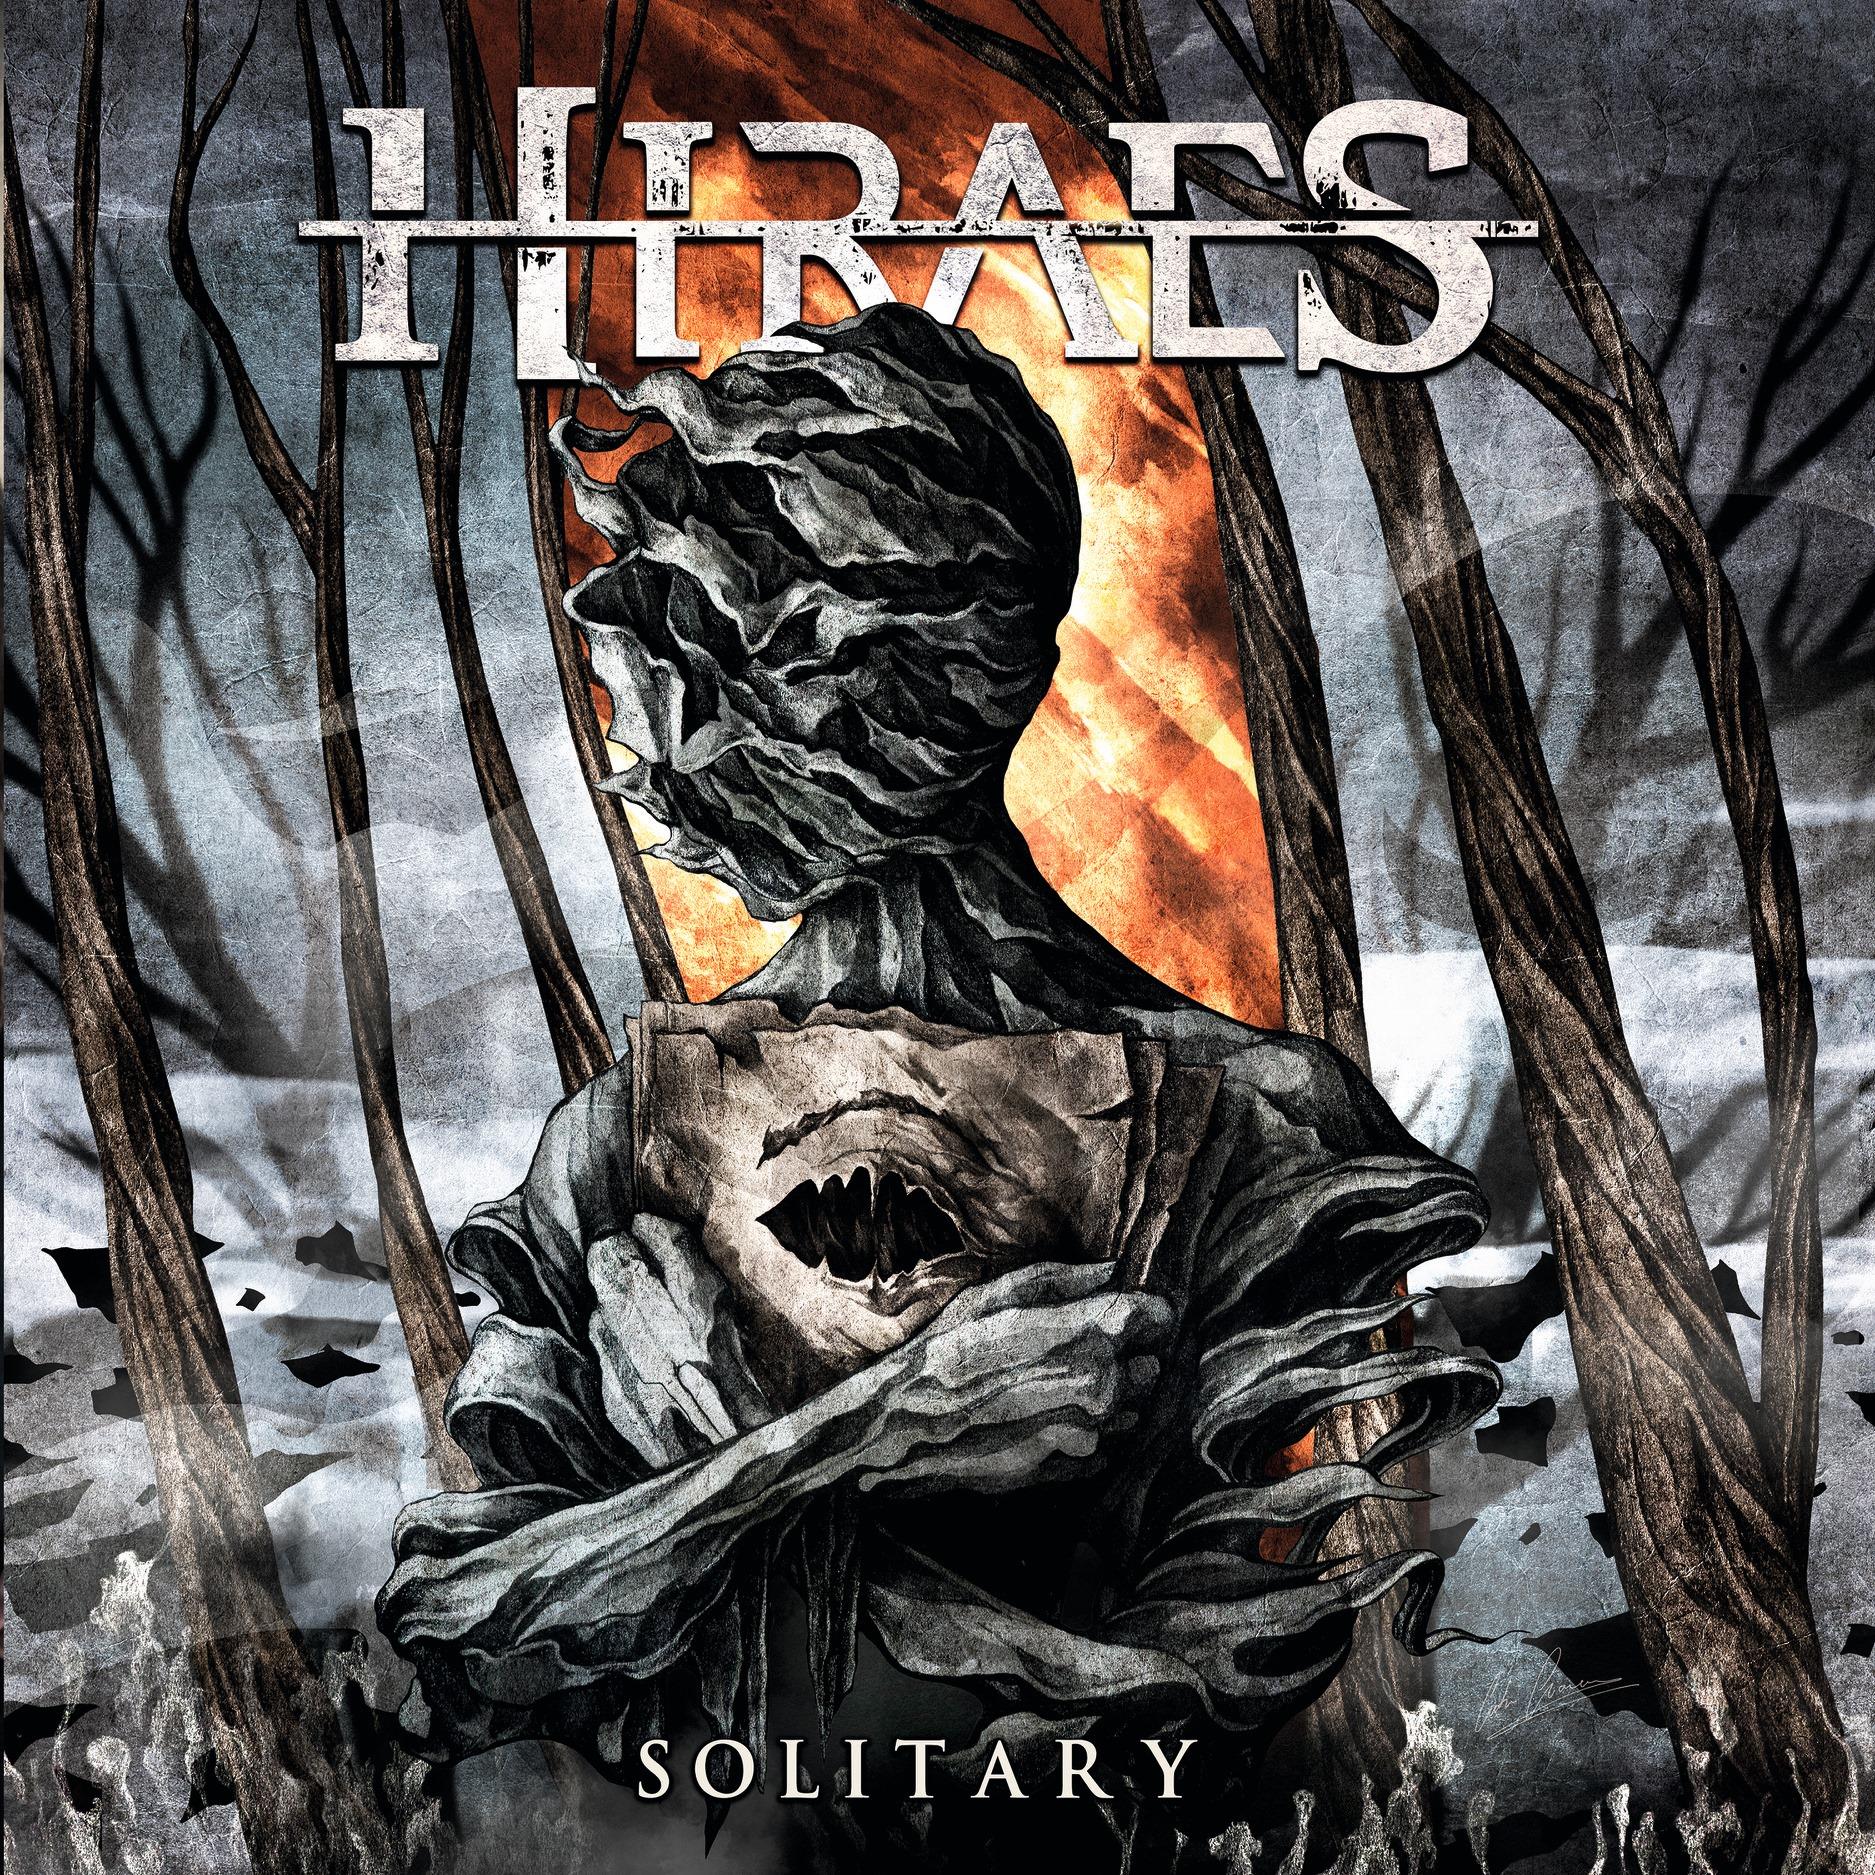 HIRAES (avec des ex-membres de DAWN OF DISEASE) : les détails du premier album Solitary ; clip vidéo de la chanson «Under Fire» dévoilé